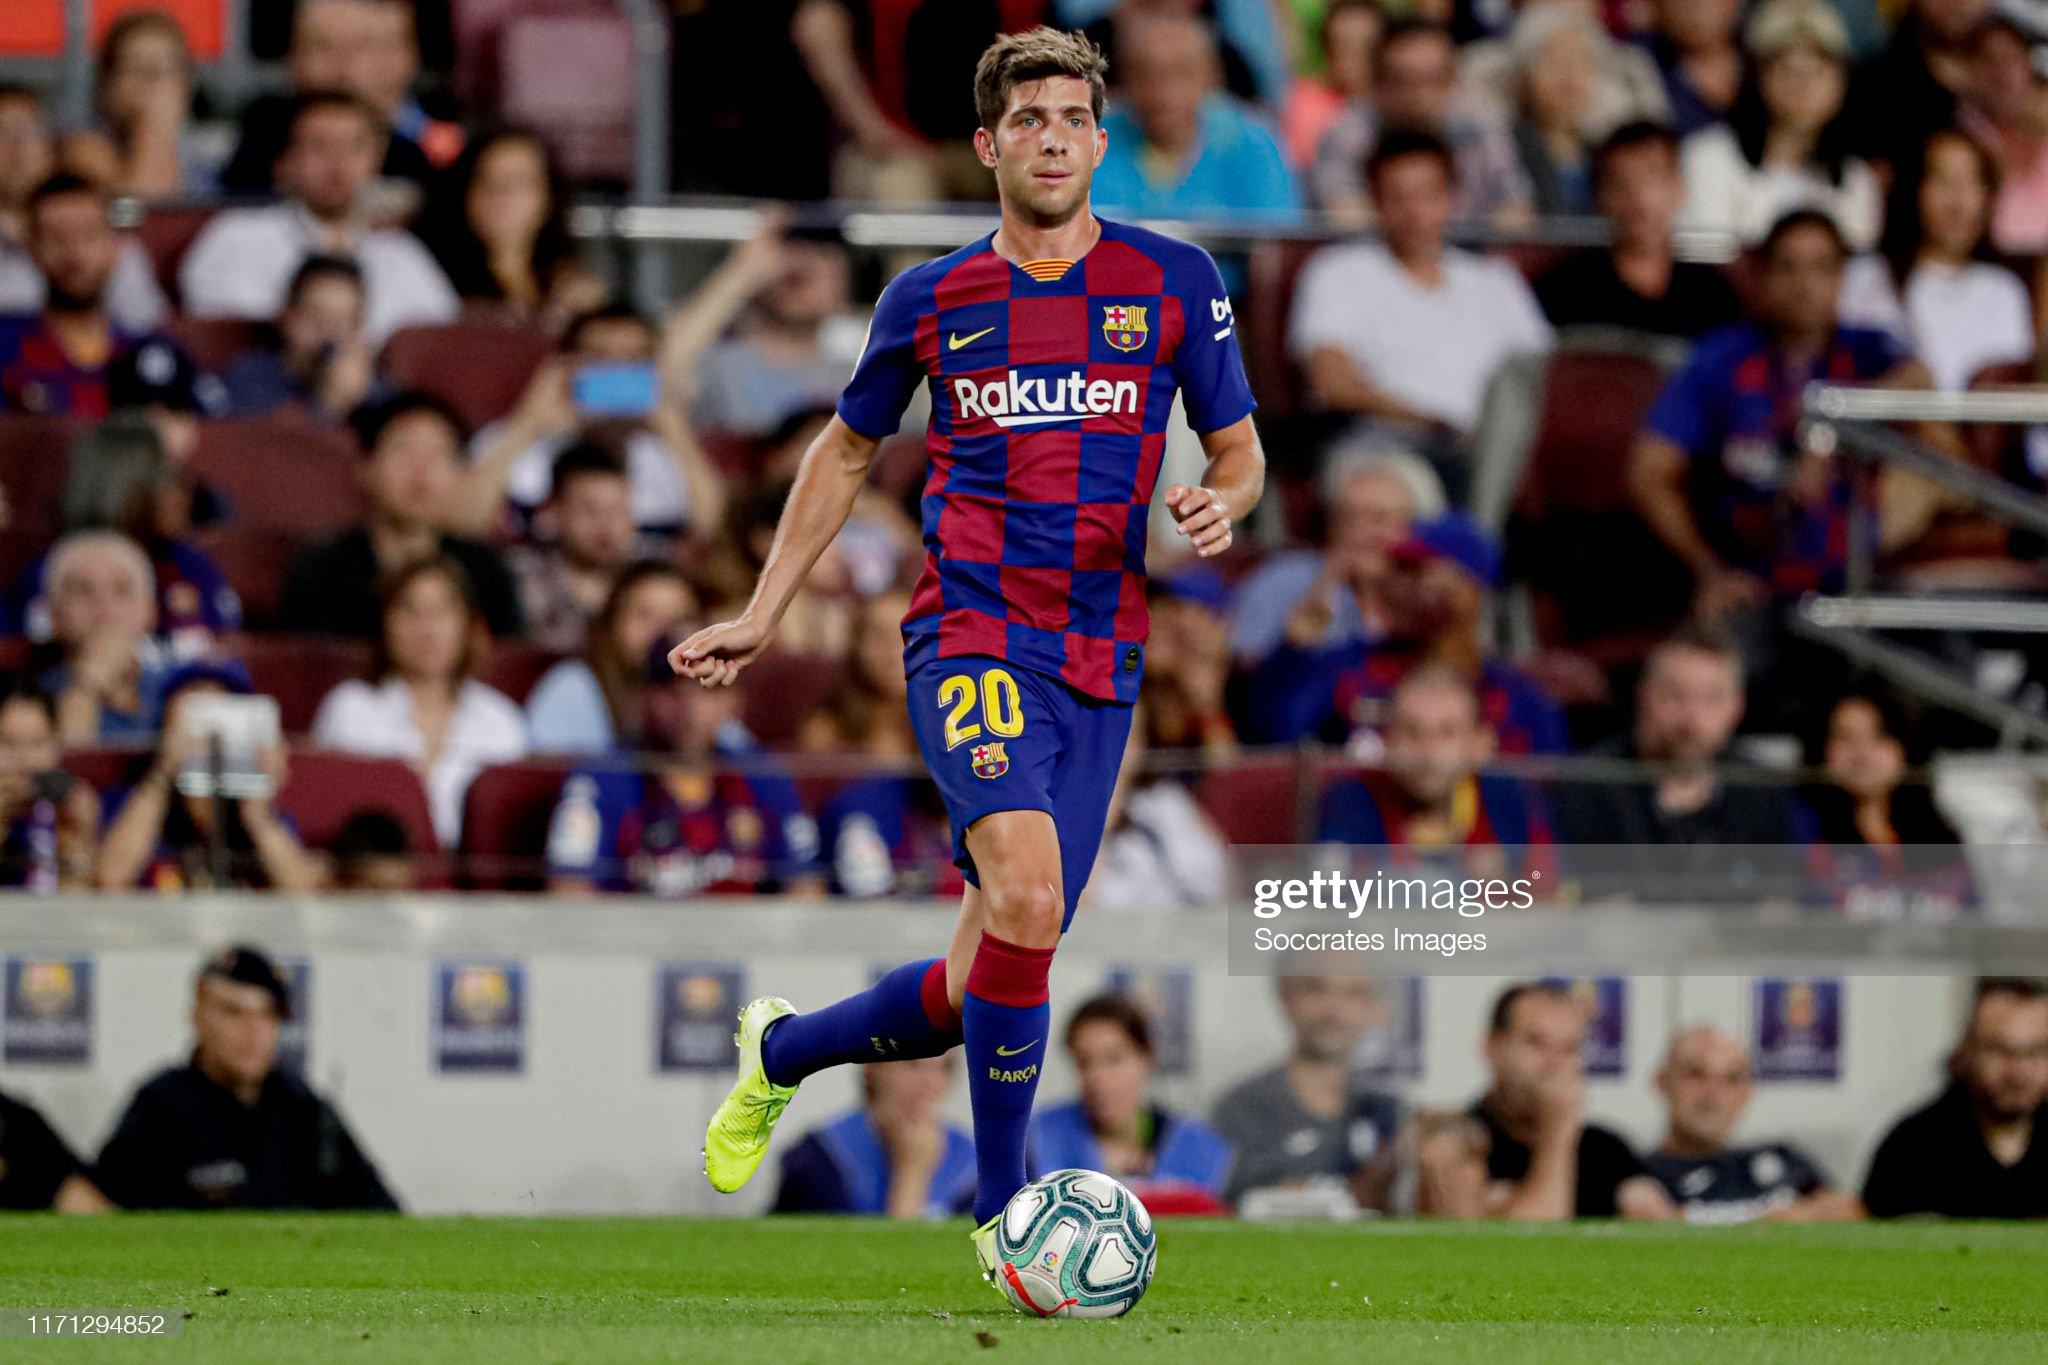 صور مباراة : برشلونة - فياريال 2-1 ( 24-09-2019 )  Sergi-roberto-of-fc-barcelona-during-the-la-liga-santander-match-fc-picture-id1171294852?s=2048x2048